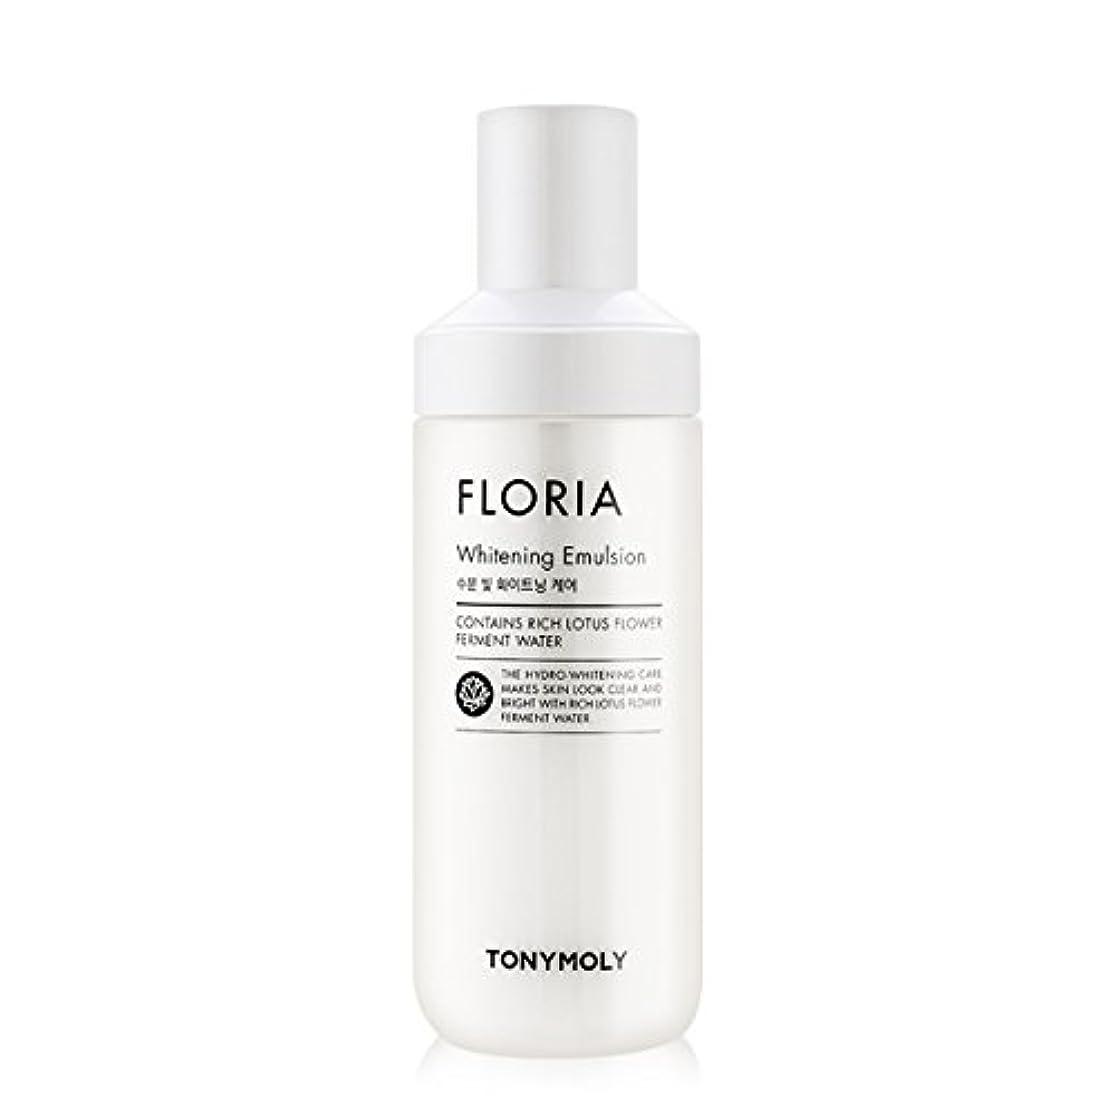 宗教テザー最大化する[2016 New] TONYMOLY Floria Whitening Emulsion 160ml/トニーモリー フロリア ホワイトニング エマルジョン 160ml